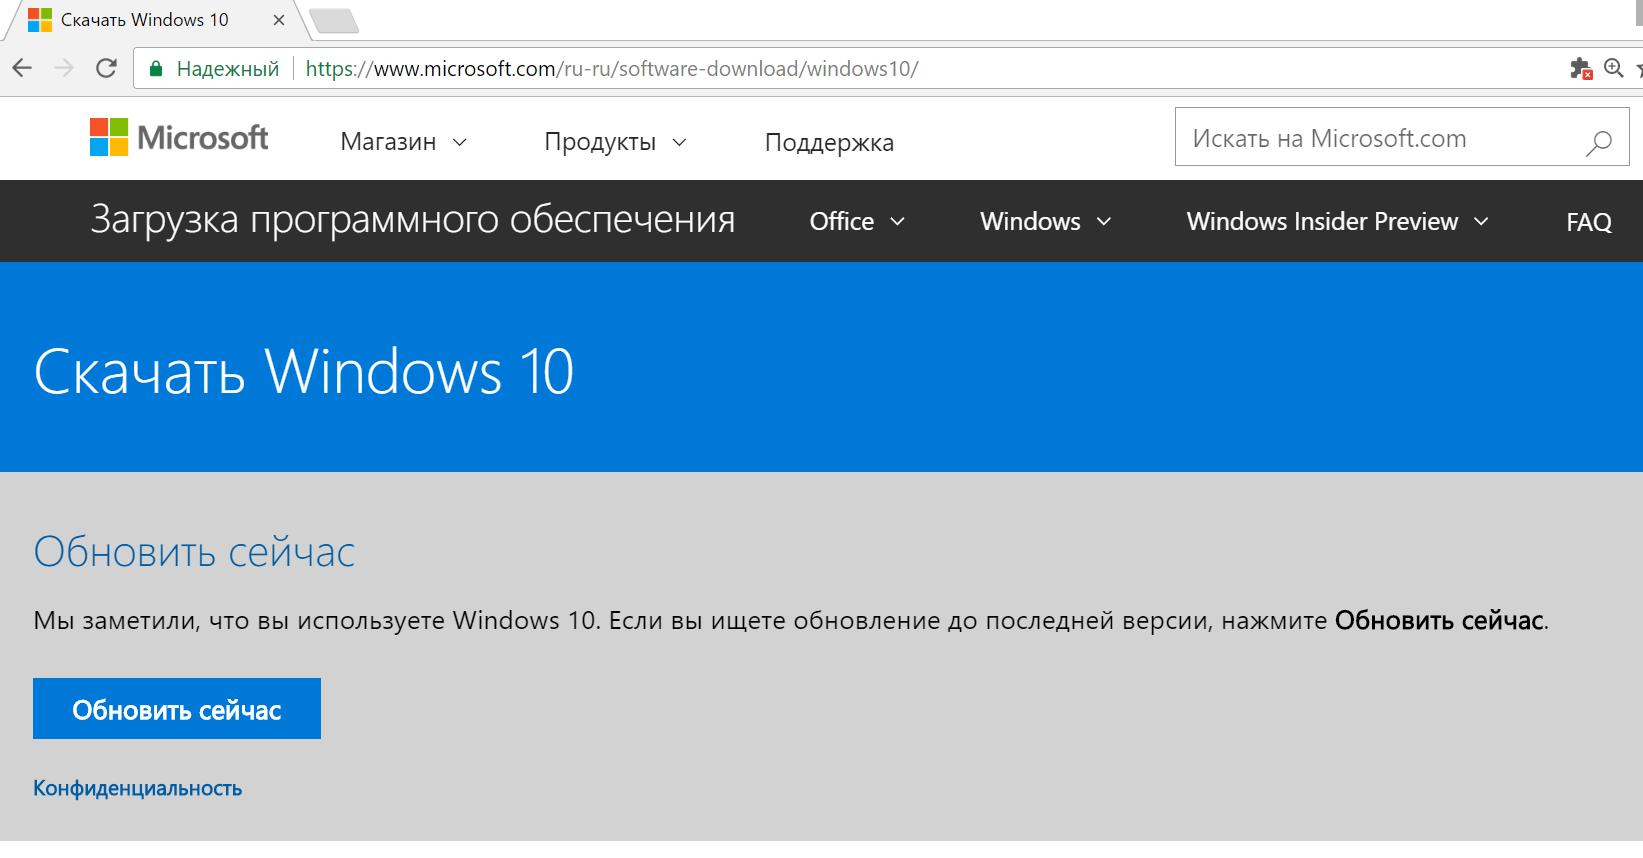 Как сделать образ Windows 10 на флешку